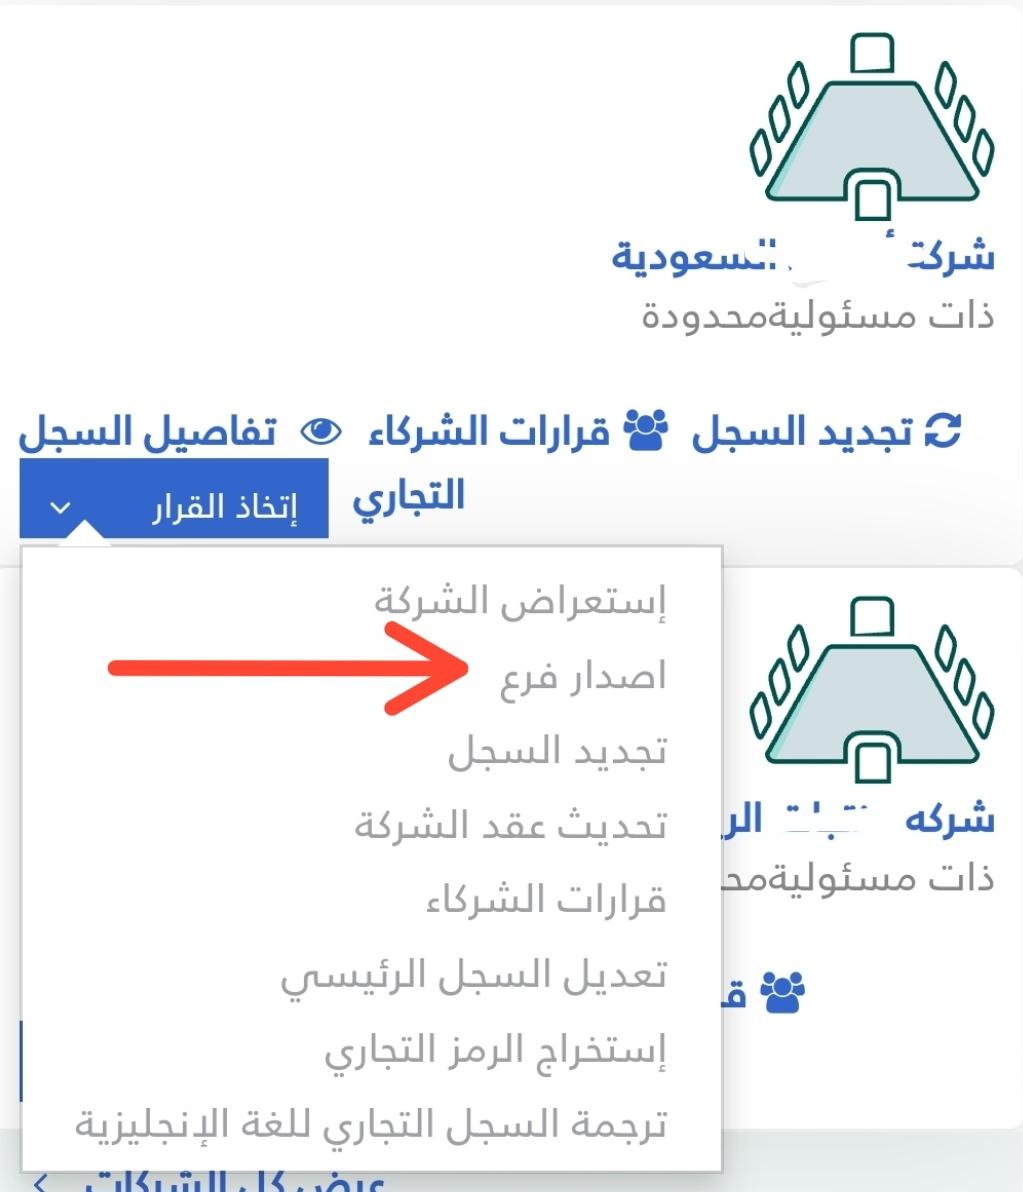 خدماتي الإلكترونية On Twitter عند تعديل حذف اضافة نشاط 1 يجب أن تكون الأنشطة المضافة من ضمن أغراض الشركة الموجودة في عقد التأسيس 2 يجب إرفاق صورة الغاء الترخيص أو سبب الحذف في حال لم يتم